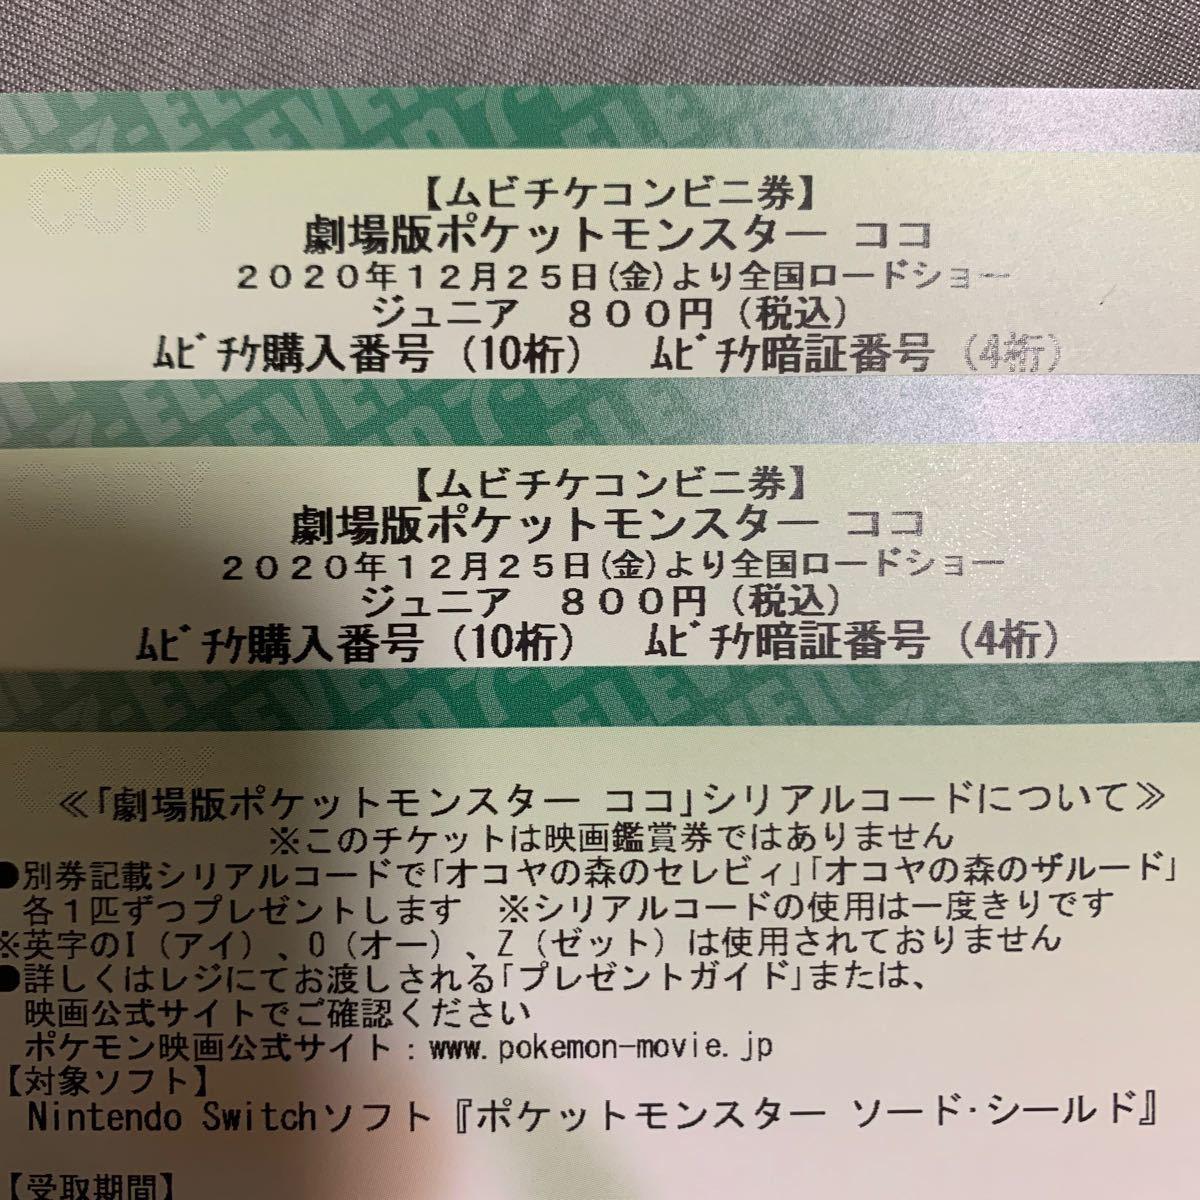 ポケモン 前売り 券 コンビニ